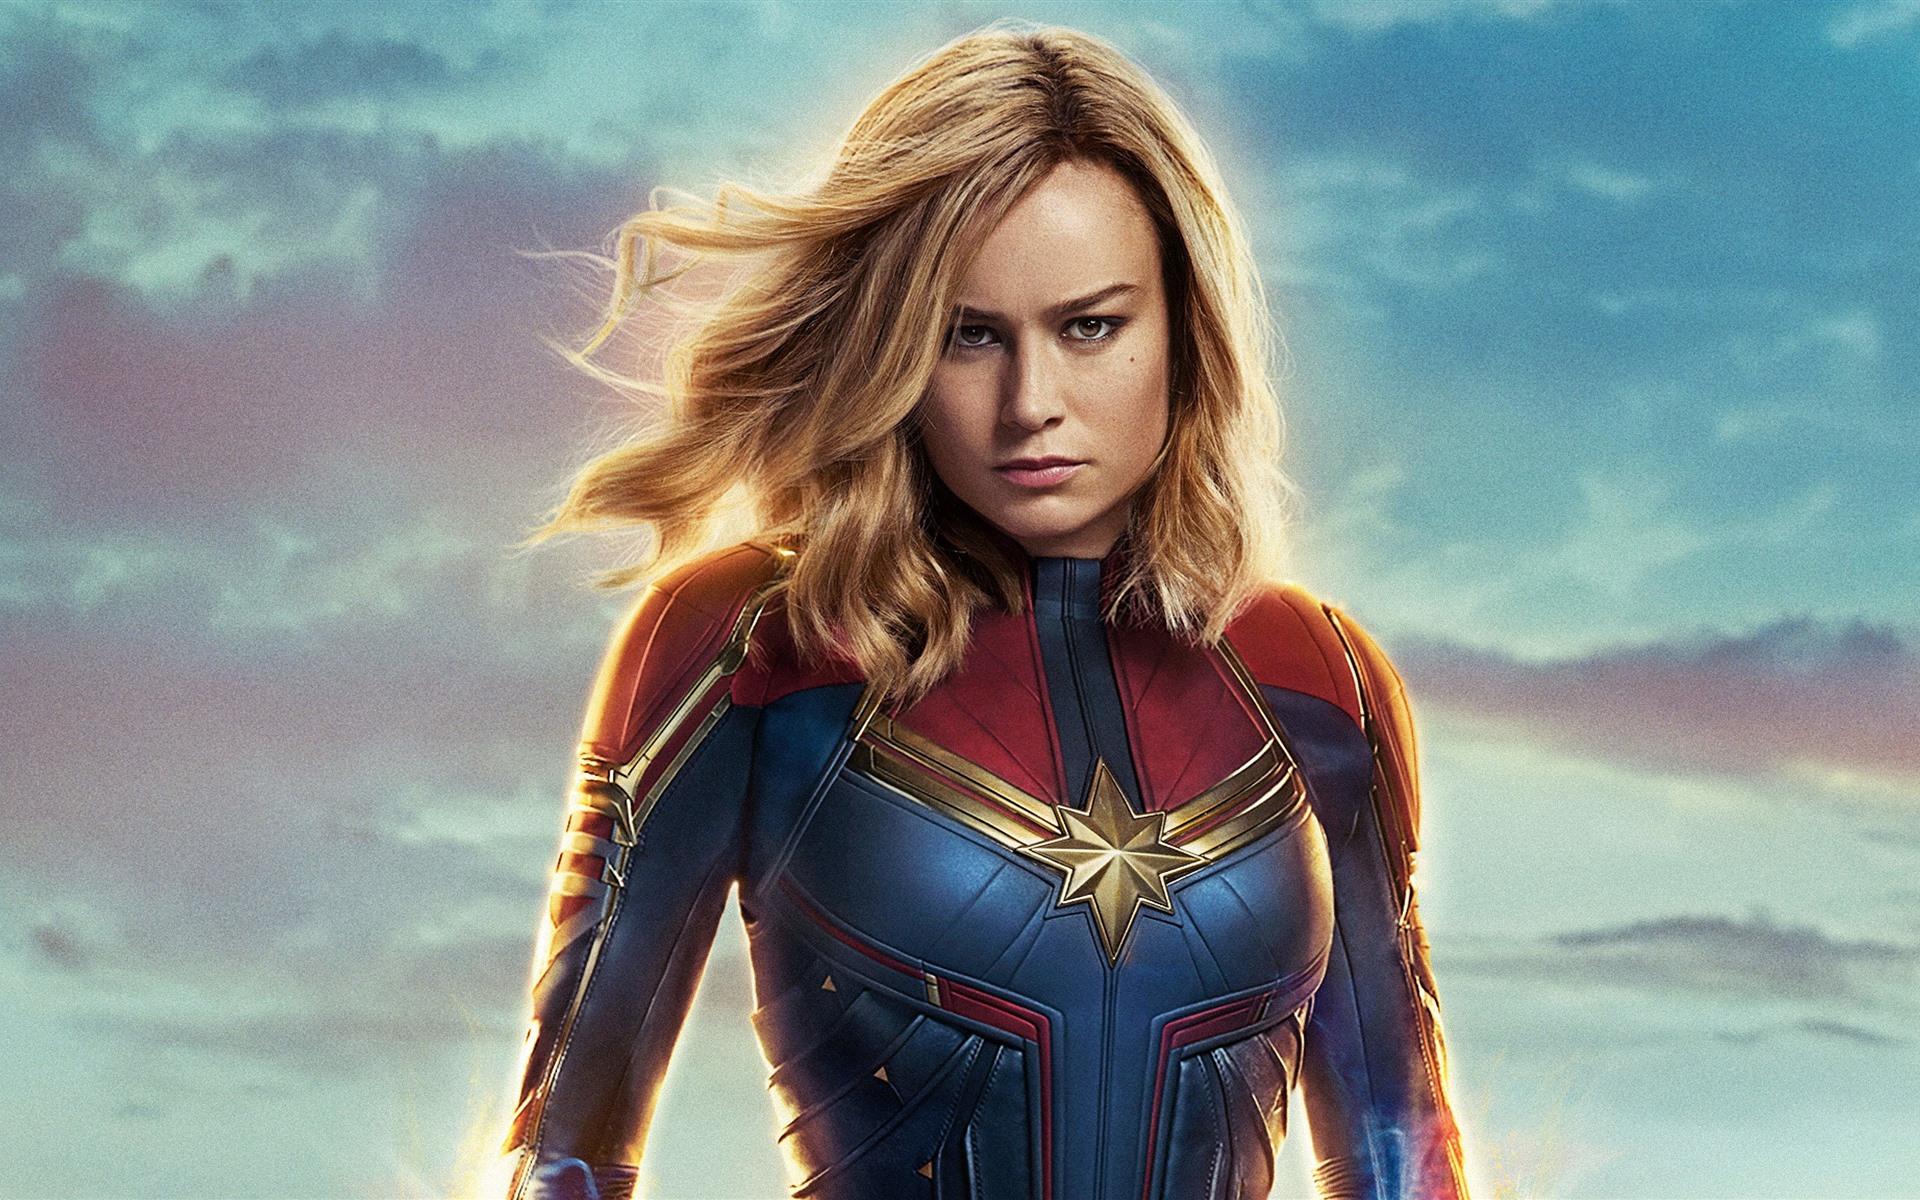 Wallpaper Brie Larson, Captain Marvel 2019 3840x2160 UHD ...